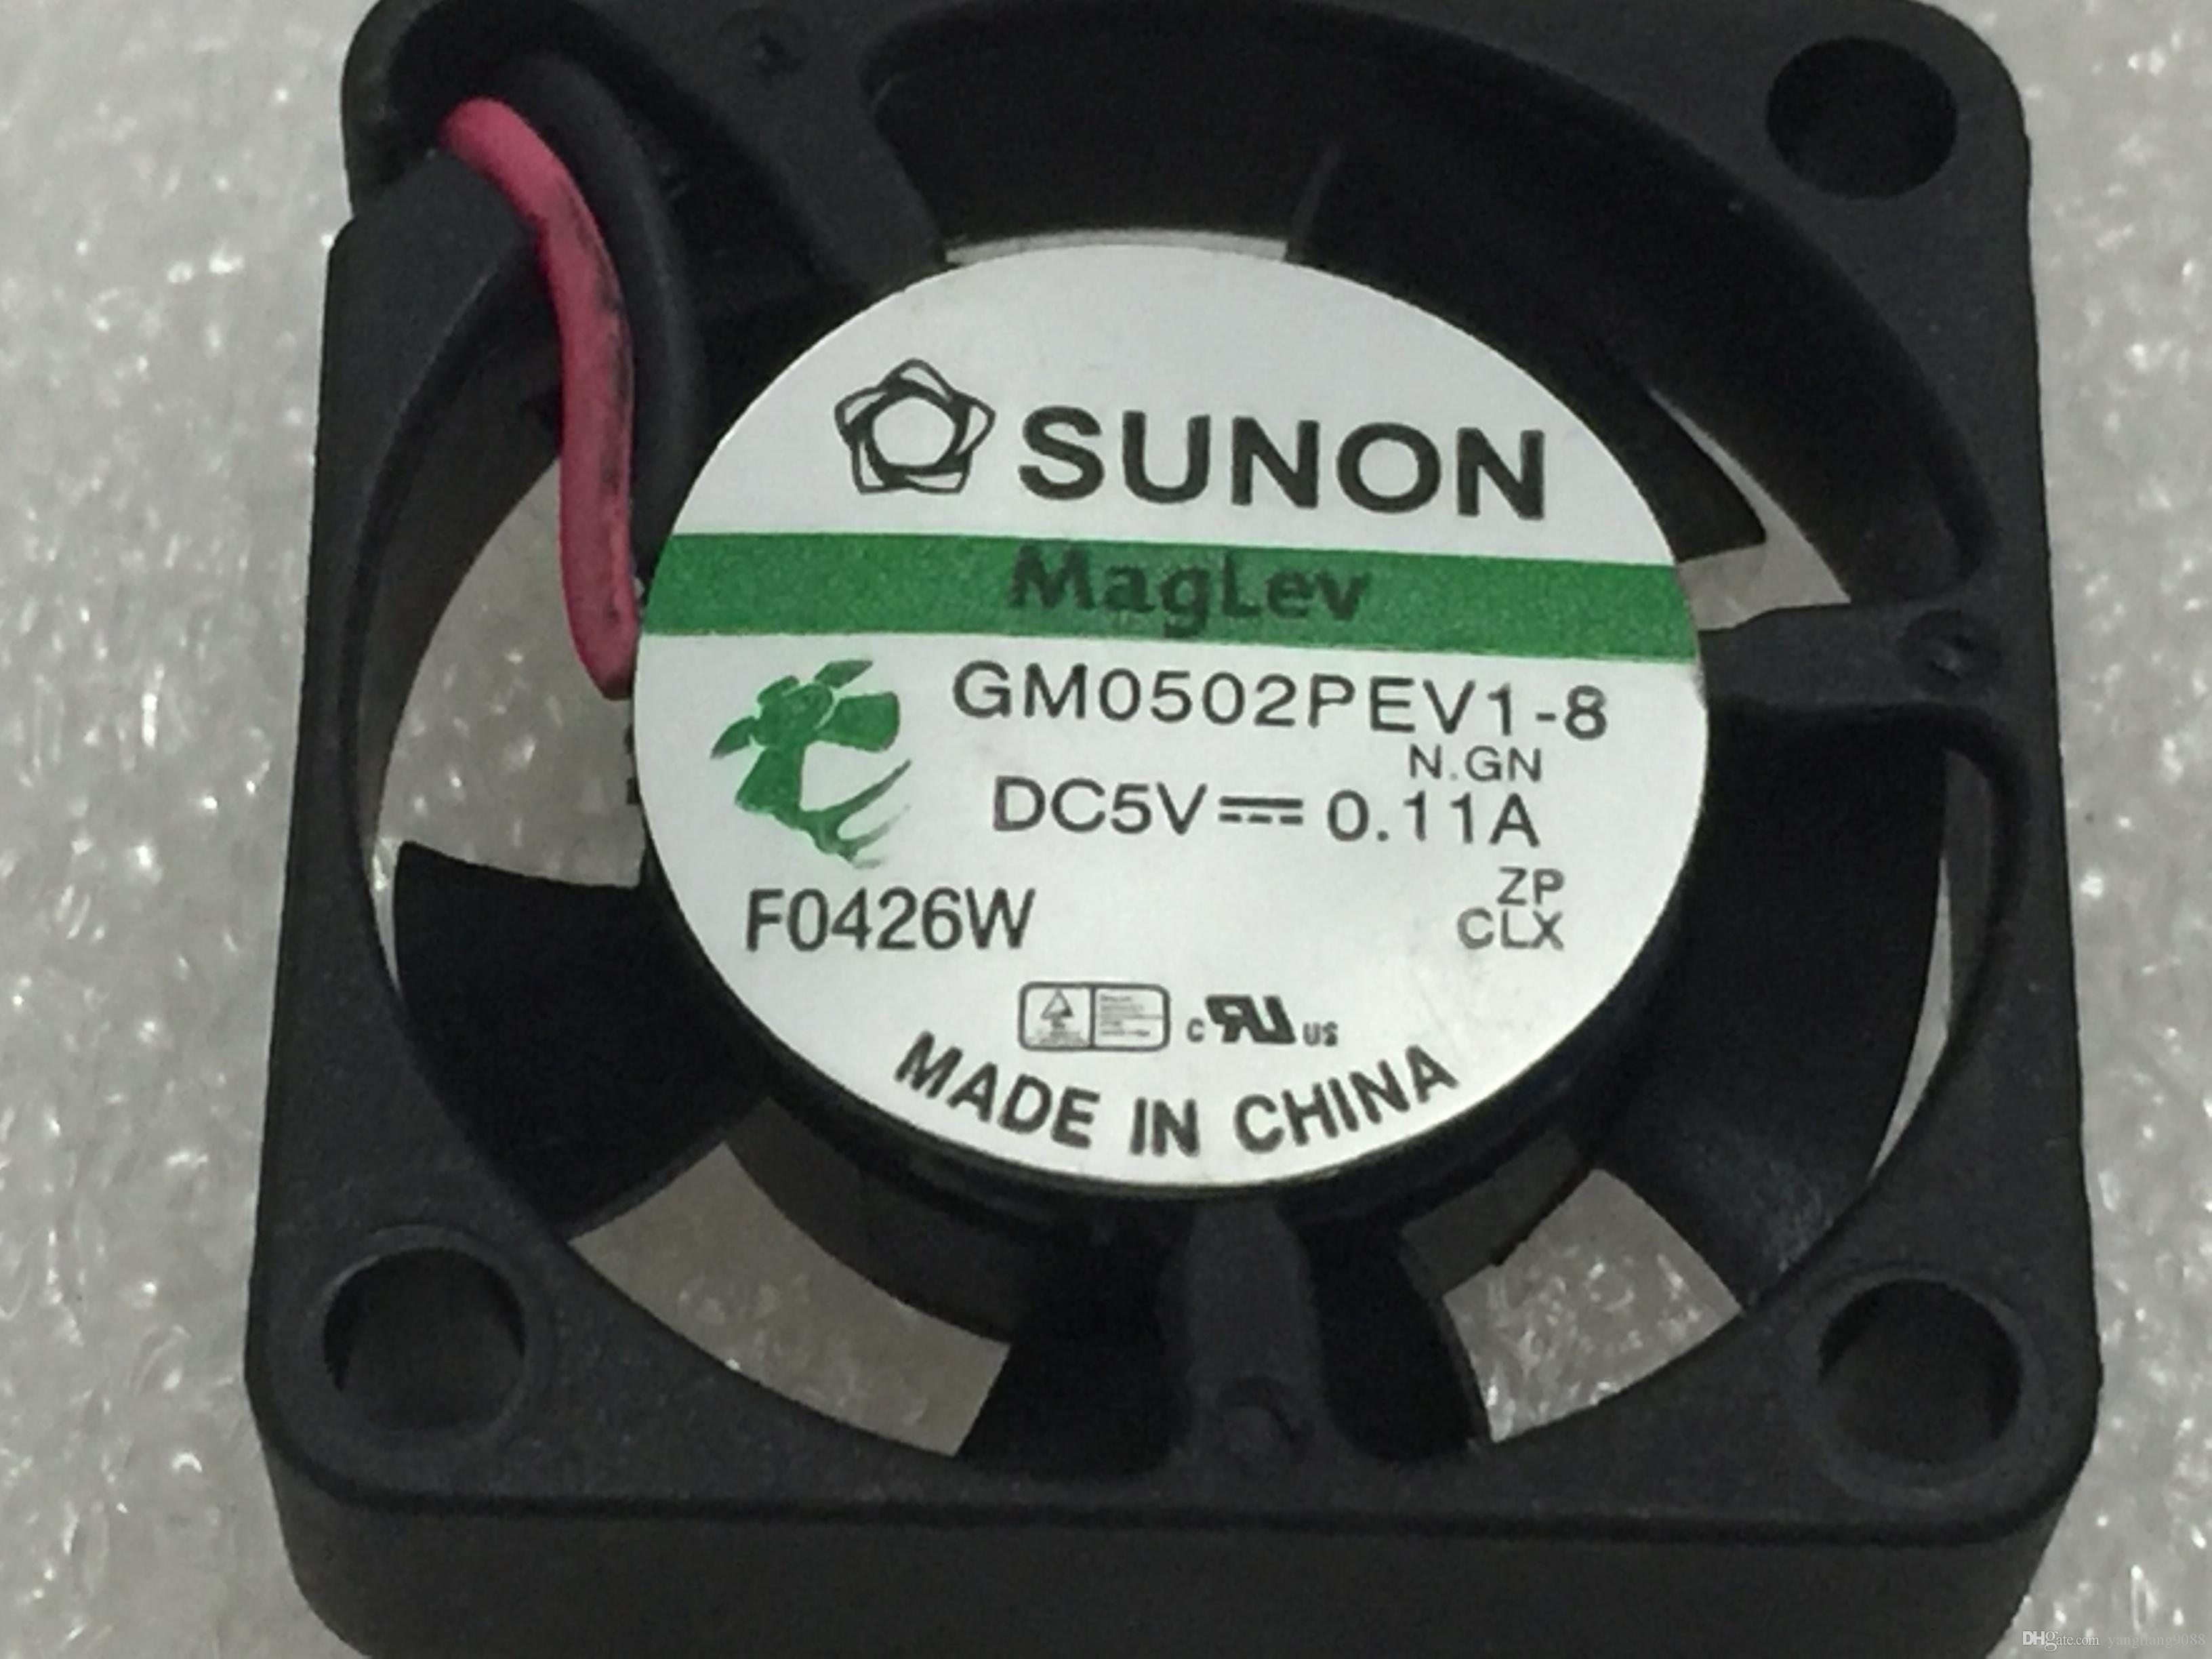 SUNON GM0502PEV1-8 N.GN Server Square Cooling fan